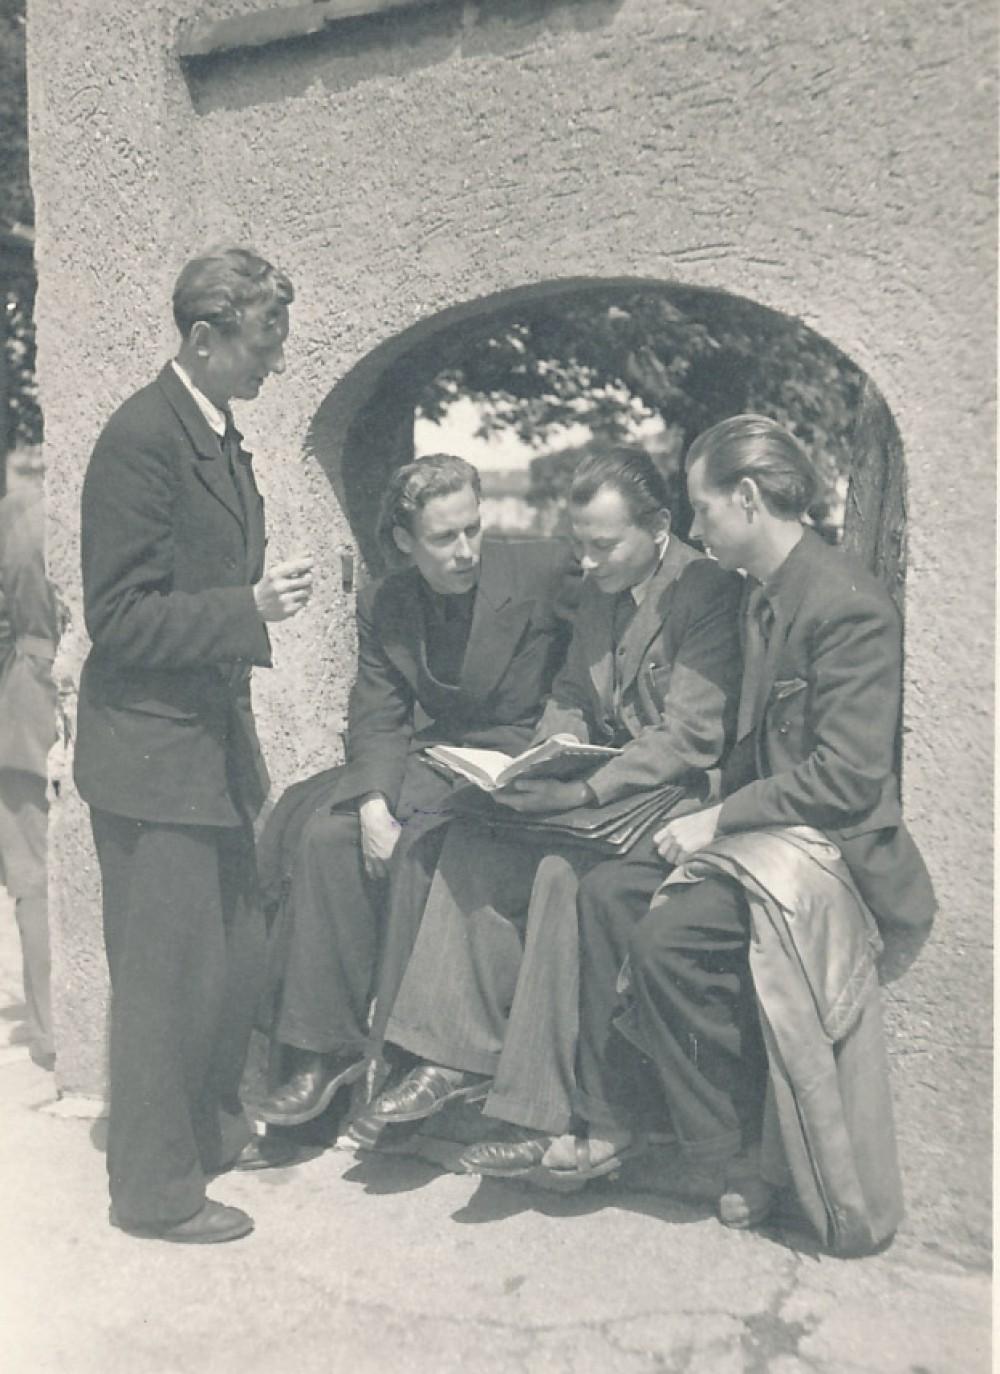 LRD suvažiavimo metu. Iš kairės – J. Kaupas, H. Nagys, K. Bradūnas, A. Nyka-Niliūnas. Augsburgas, 1947 m. liepos 11–12 d.